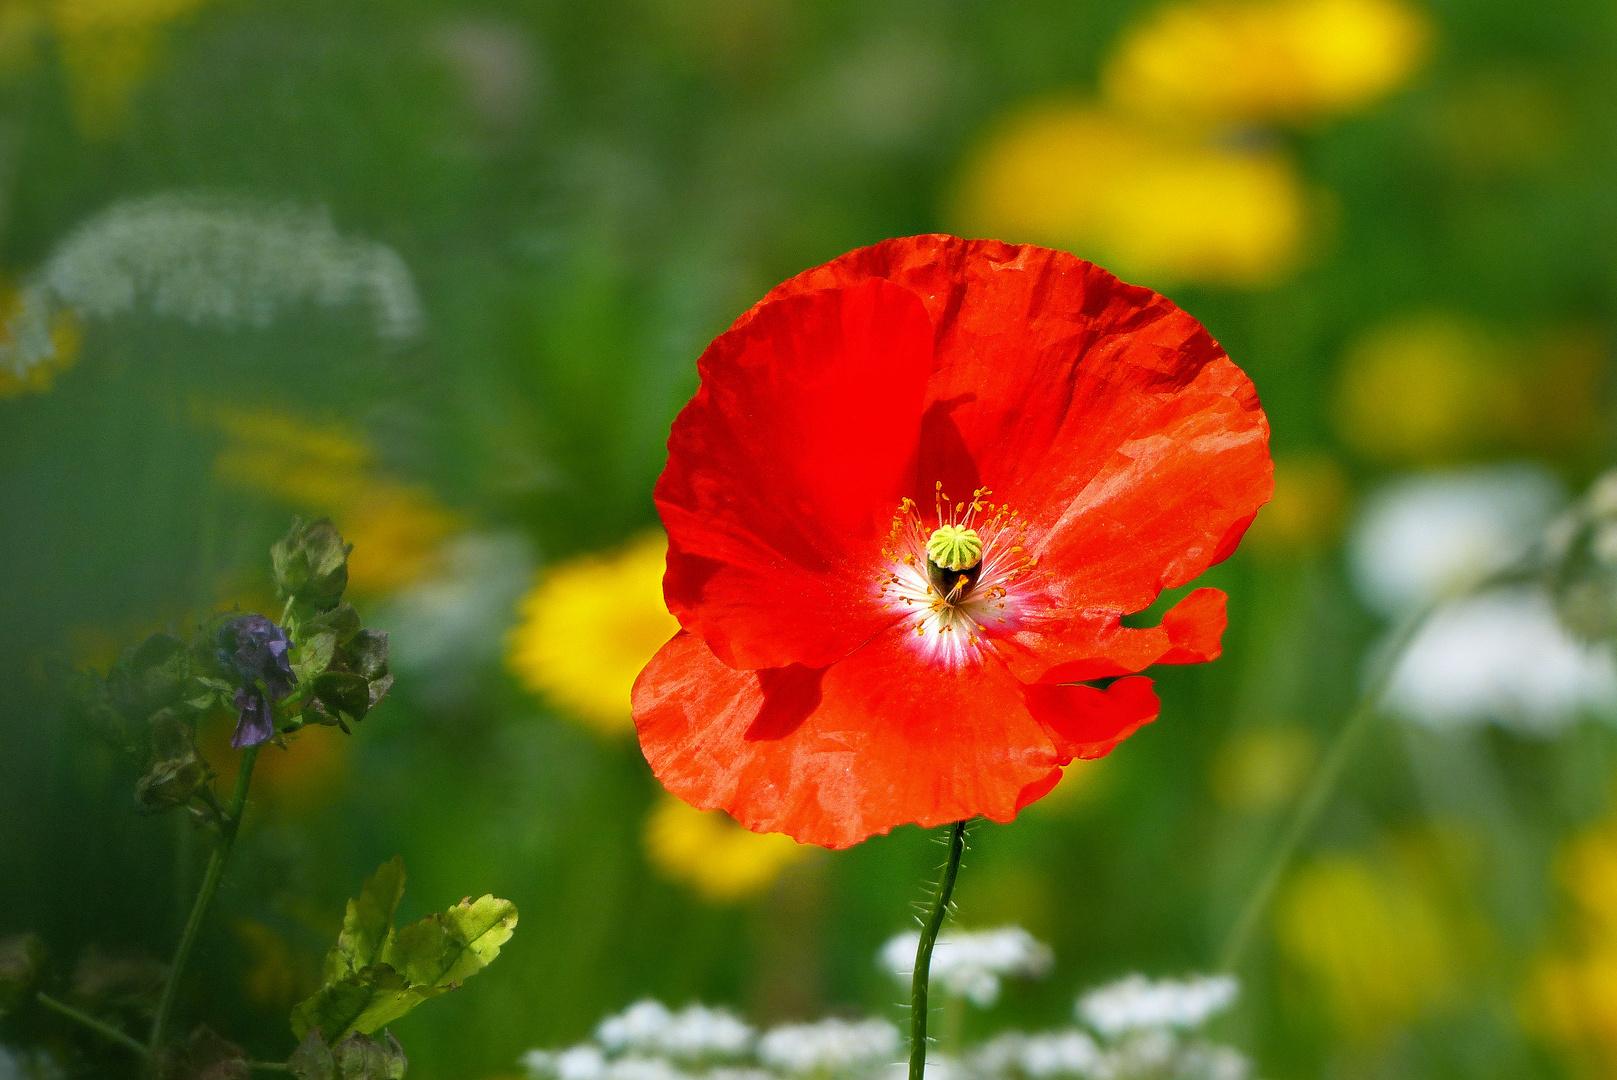 Shining poppy flower